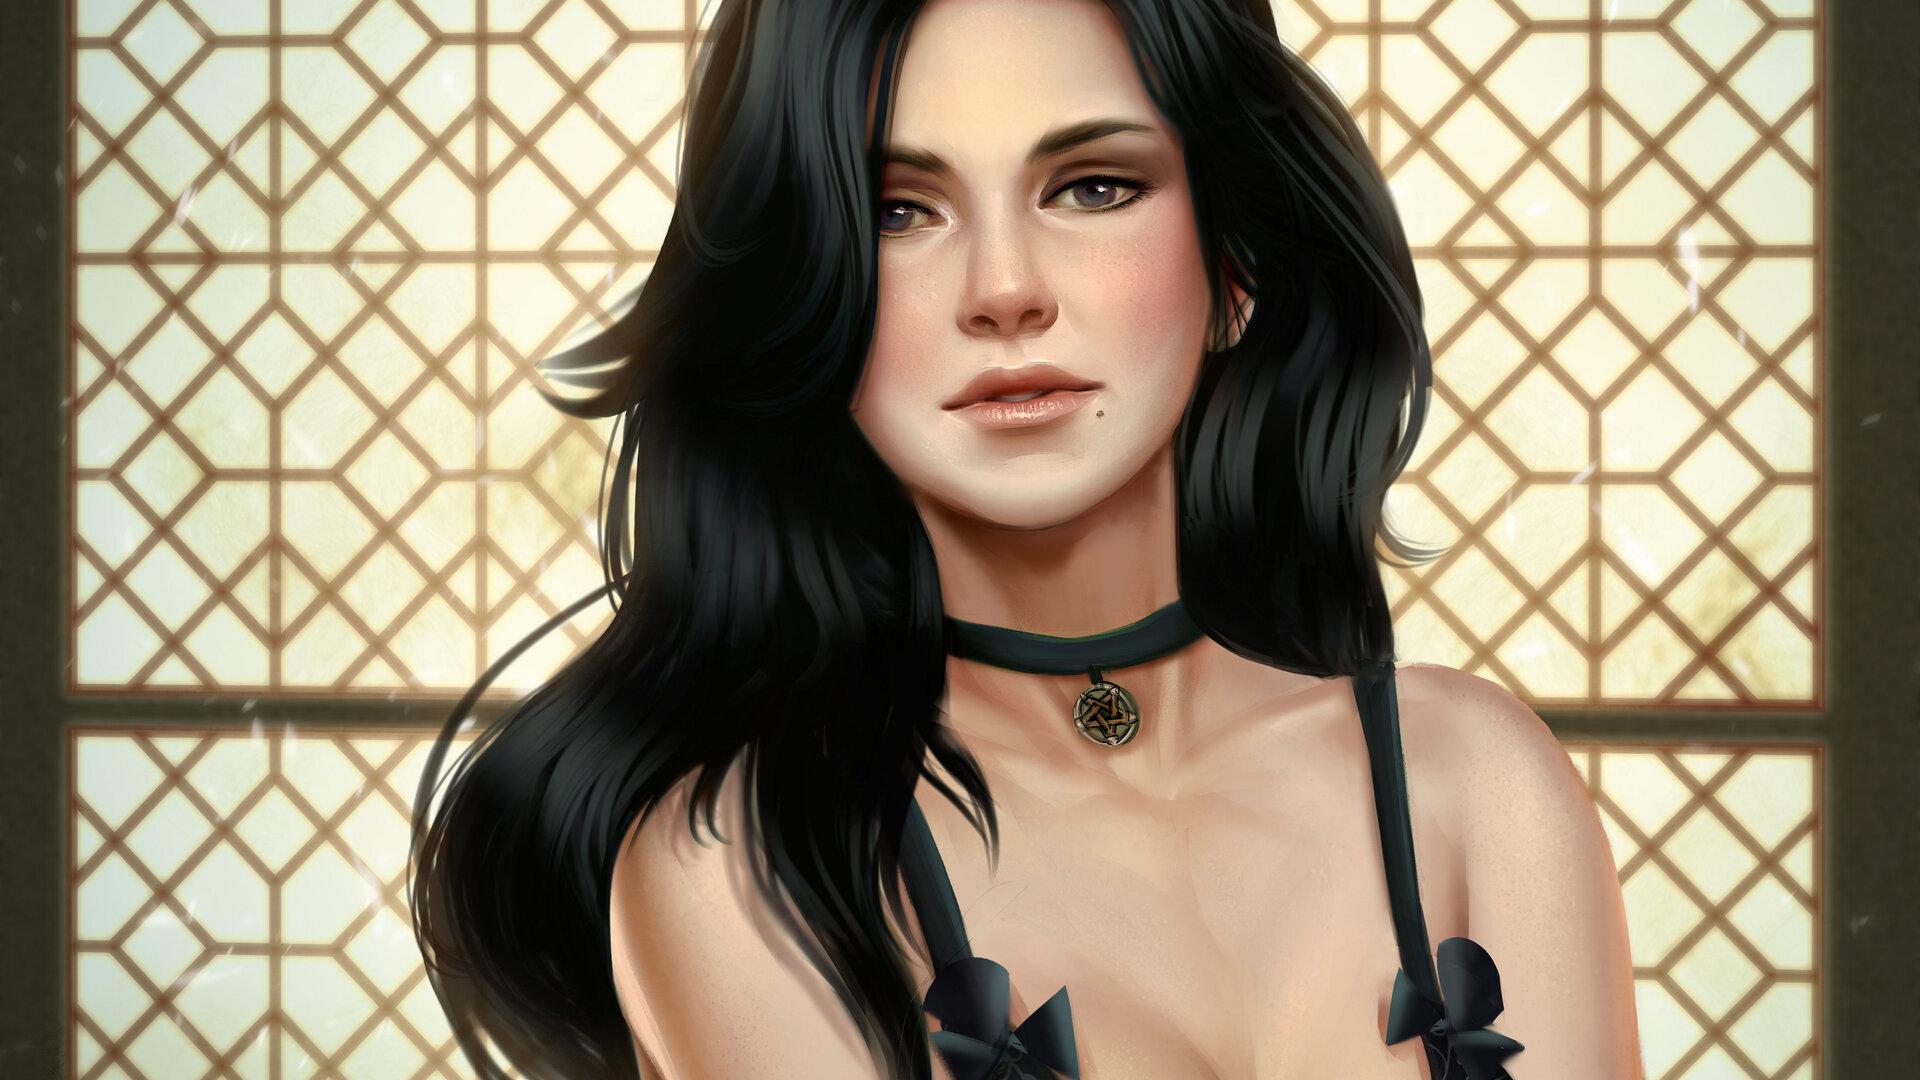 girl-looking-at-viewer-digital-art-5k-7s.jpg